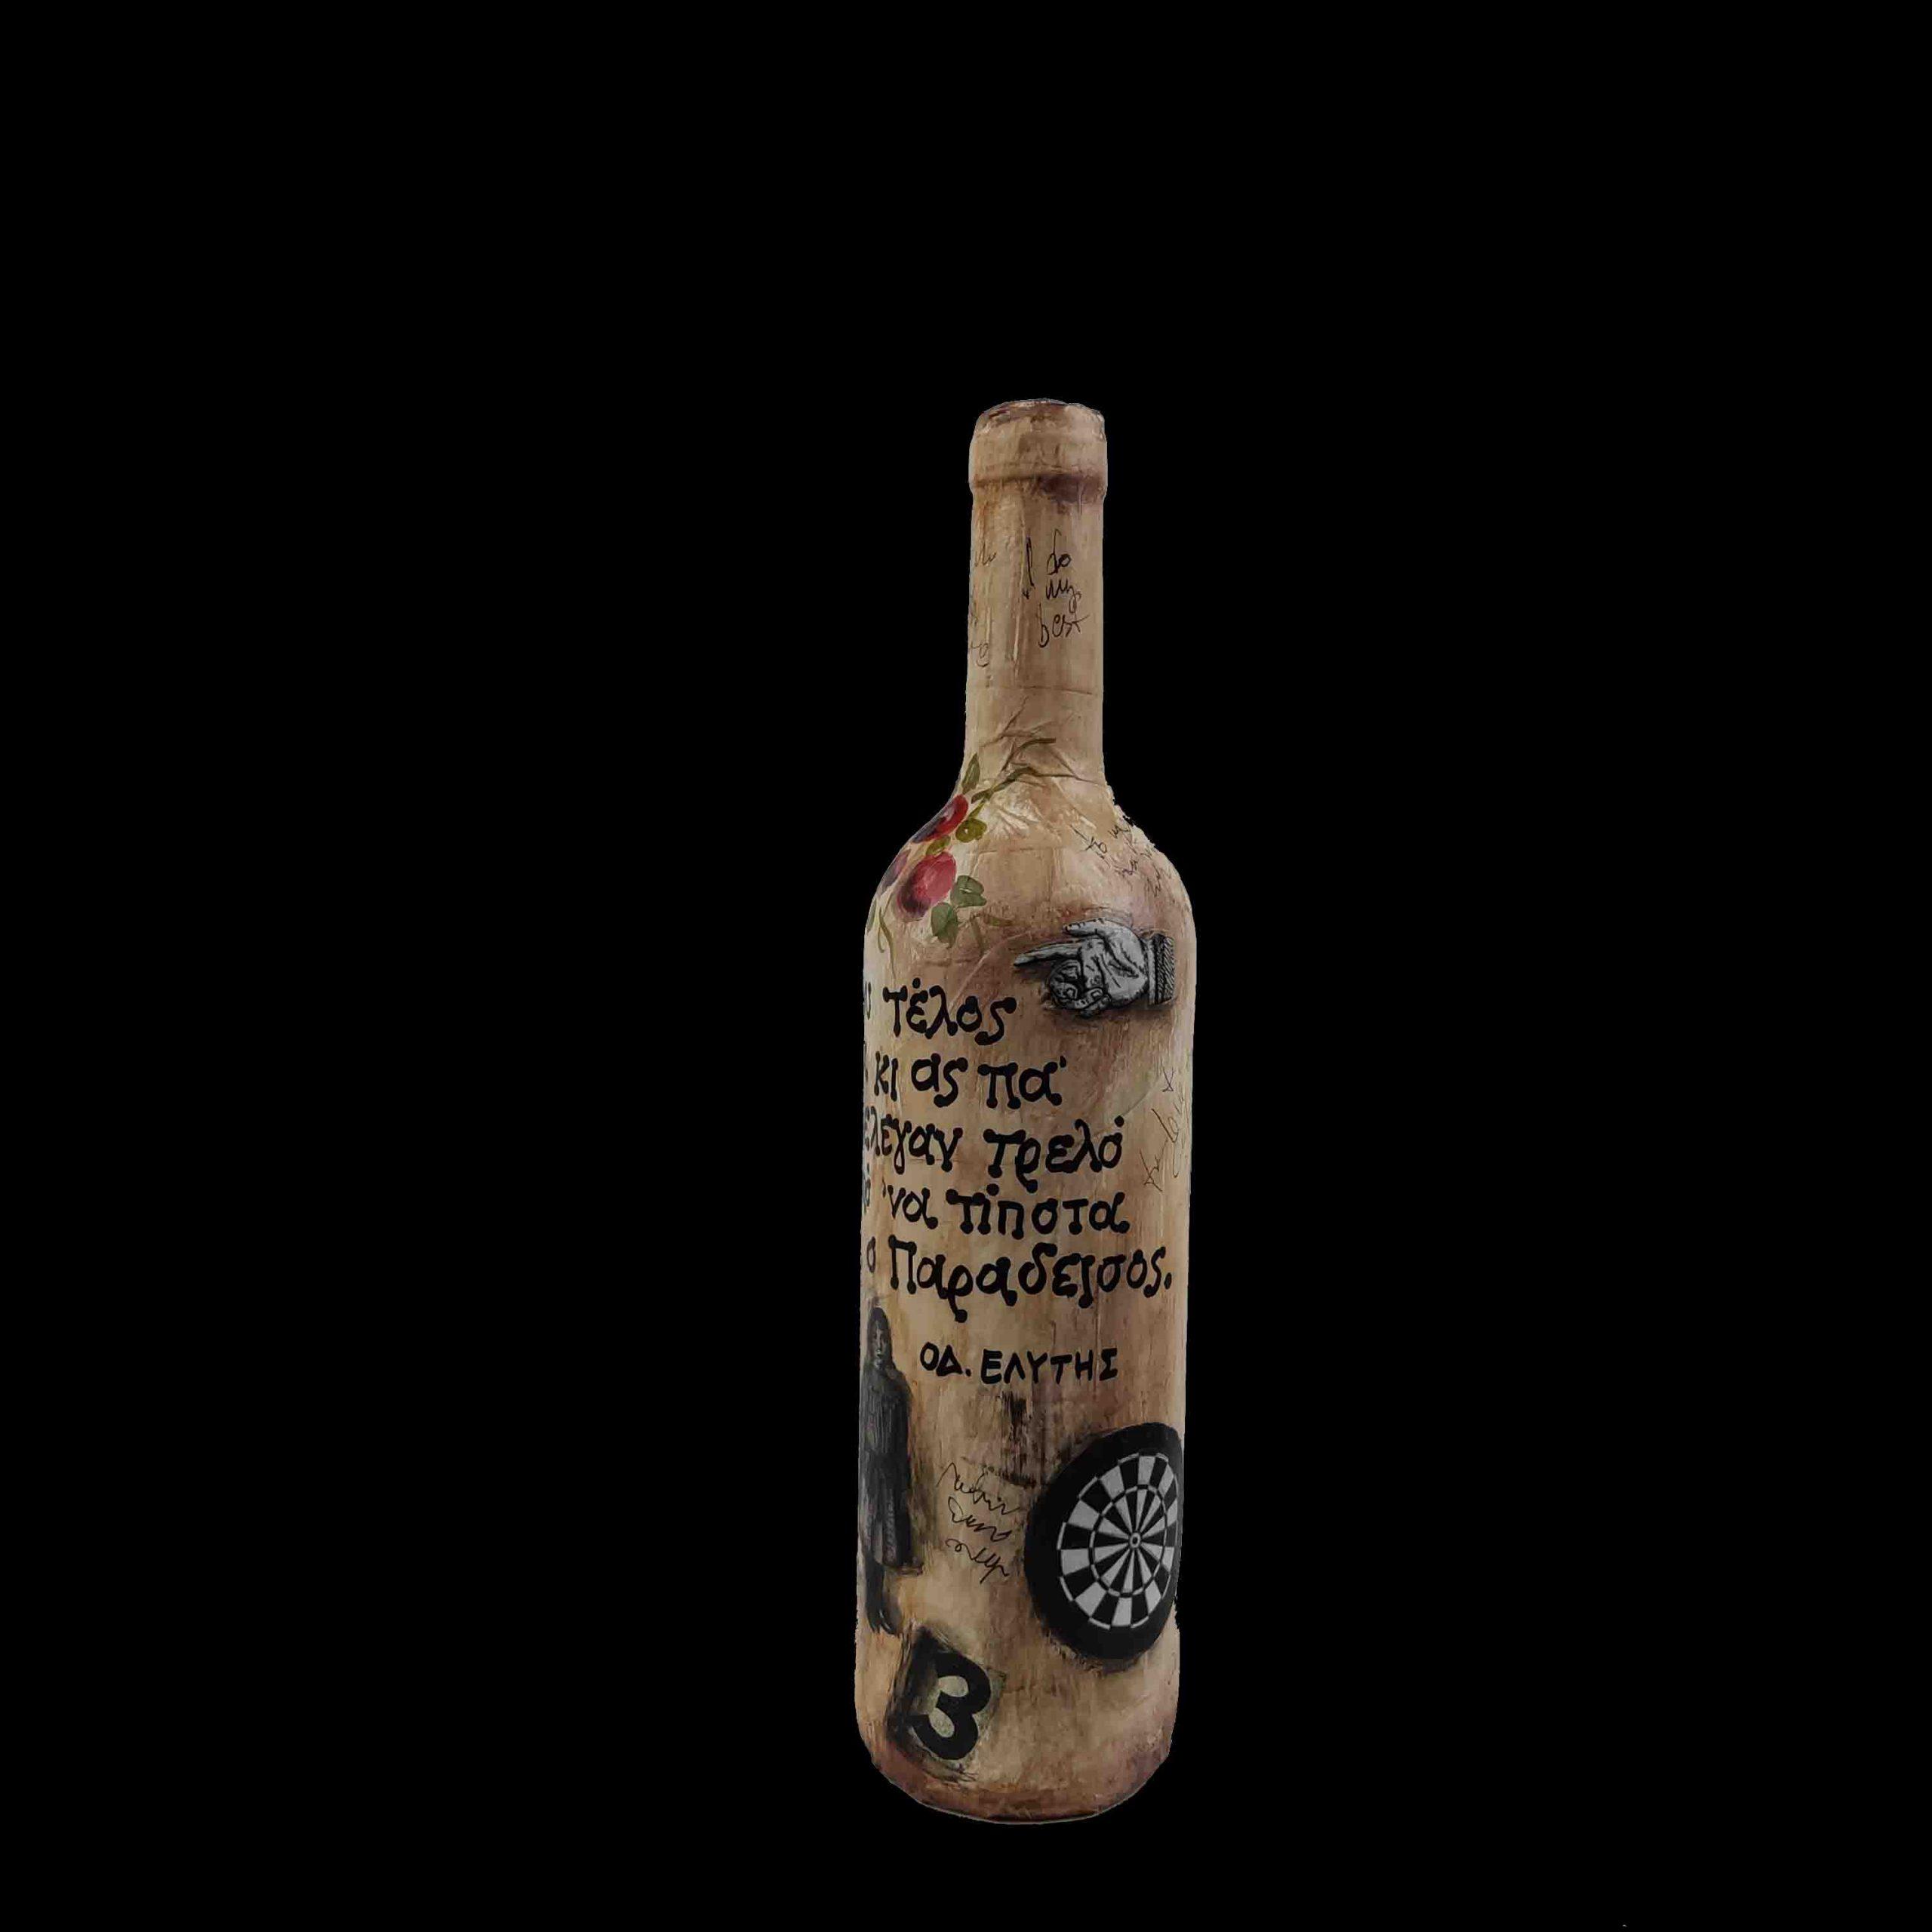 Μπουκάλι, ανακύκλωση – Upcycled bottle